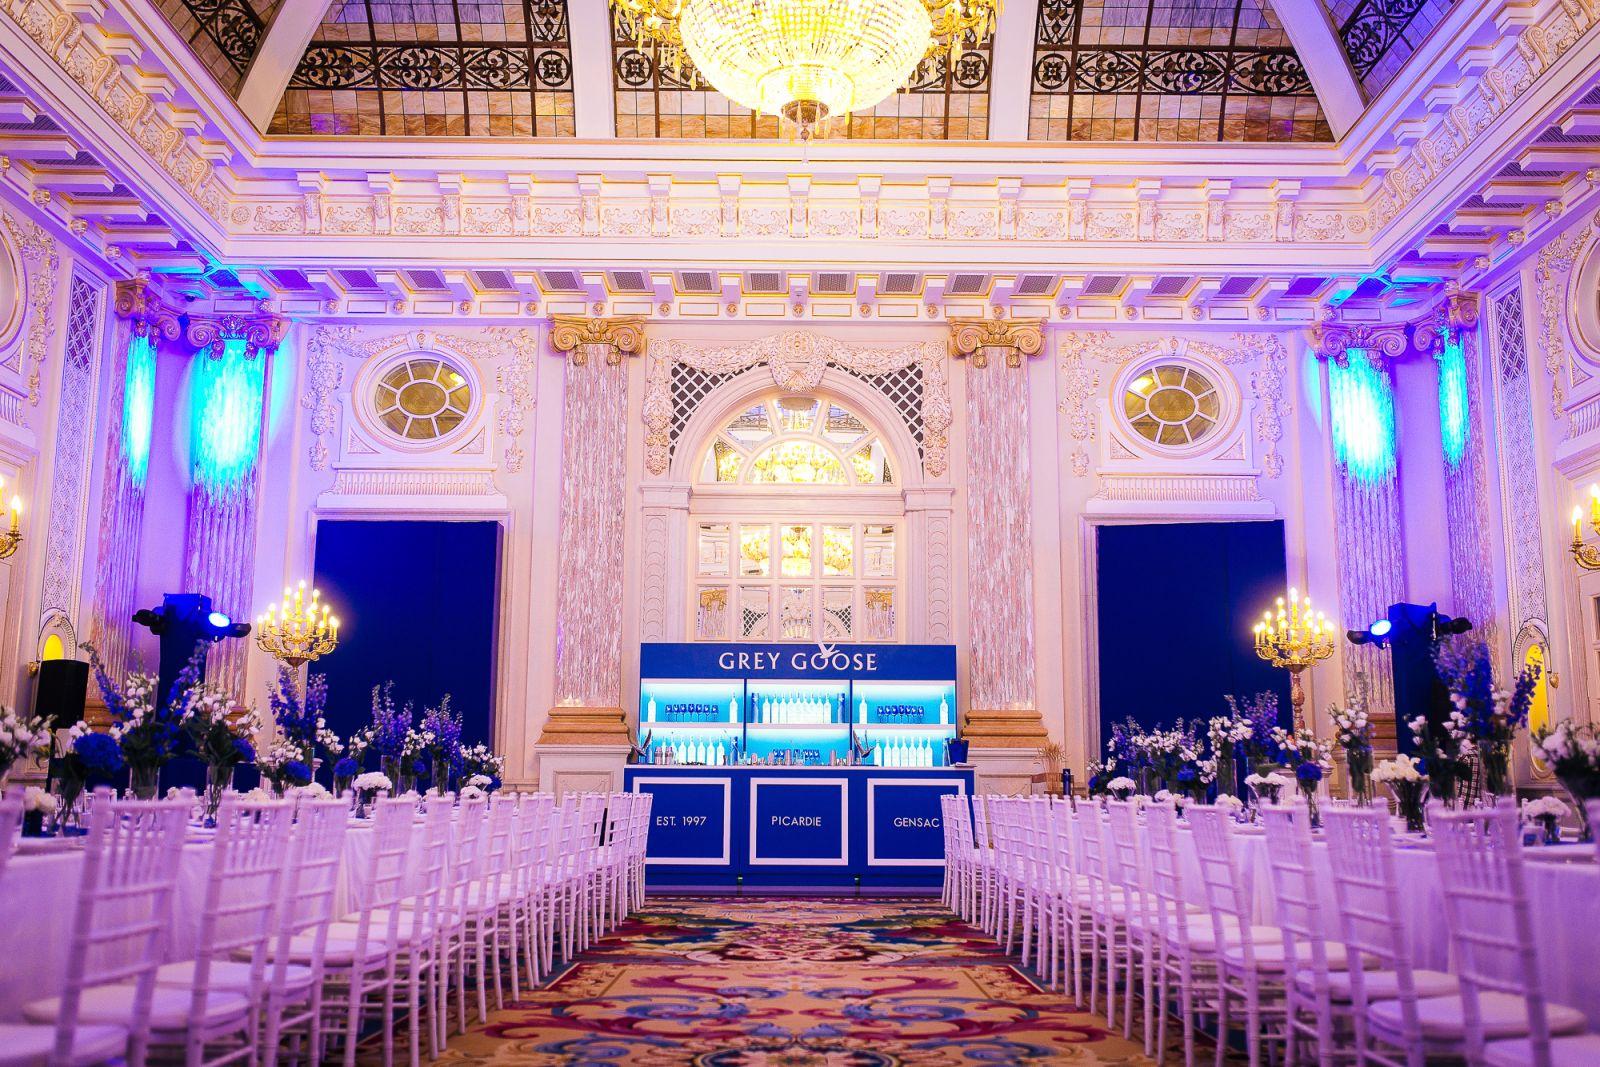 Фотоотчет: роскошный вечер изысканной французской гастрономии GREY GOOSE Le Marché Bleu-320x180